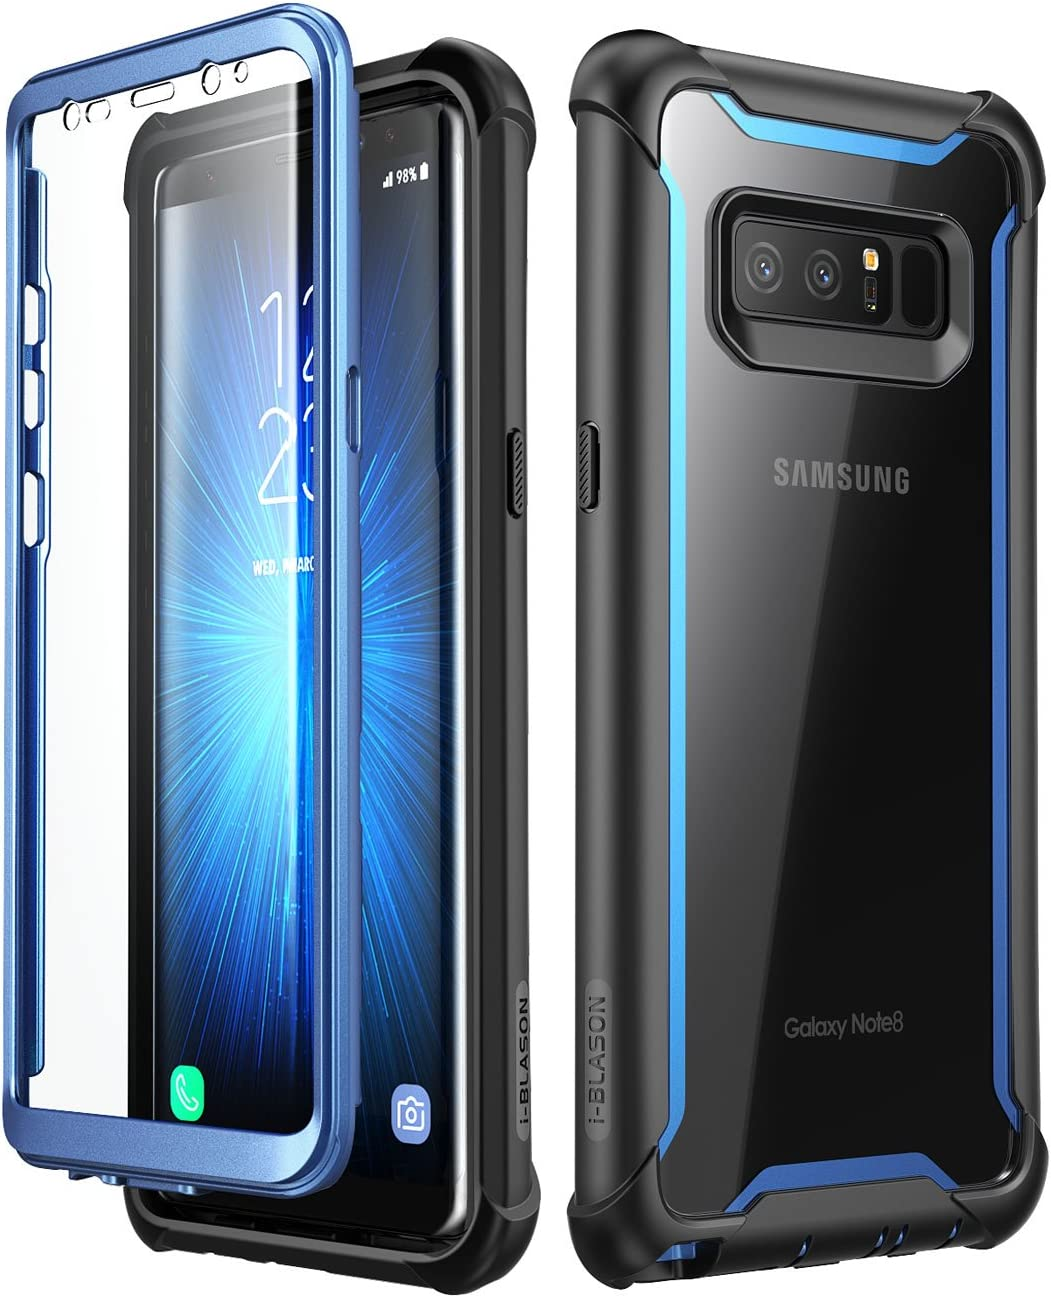 i-Blason Funda Galaxy Note 8 [Ares] 360 Grados Carcasa Completa con Protectores de Pantalla Incorporados para Samsung Galaxy Note 8 (2017) Azul: Amazon.es: Electrónica